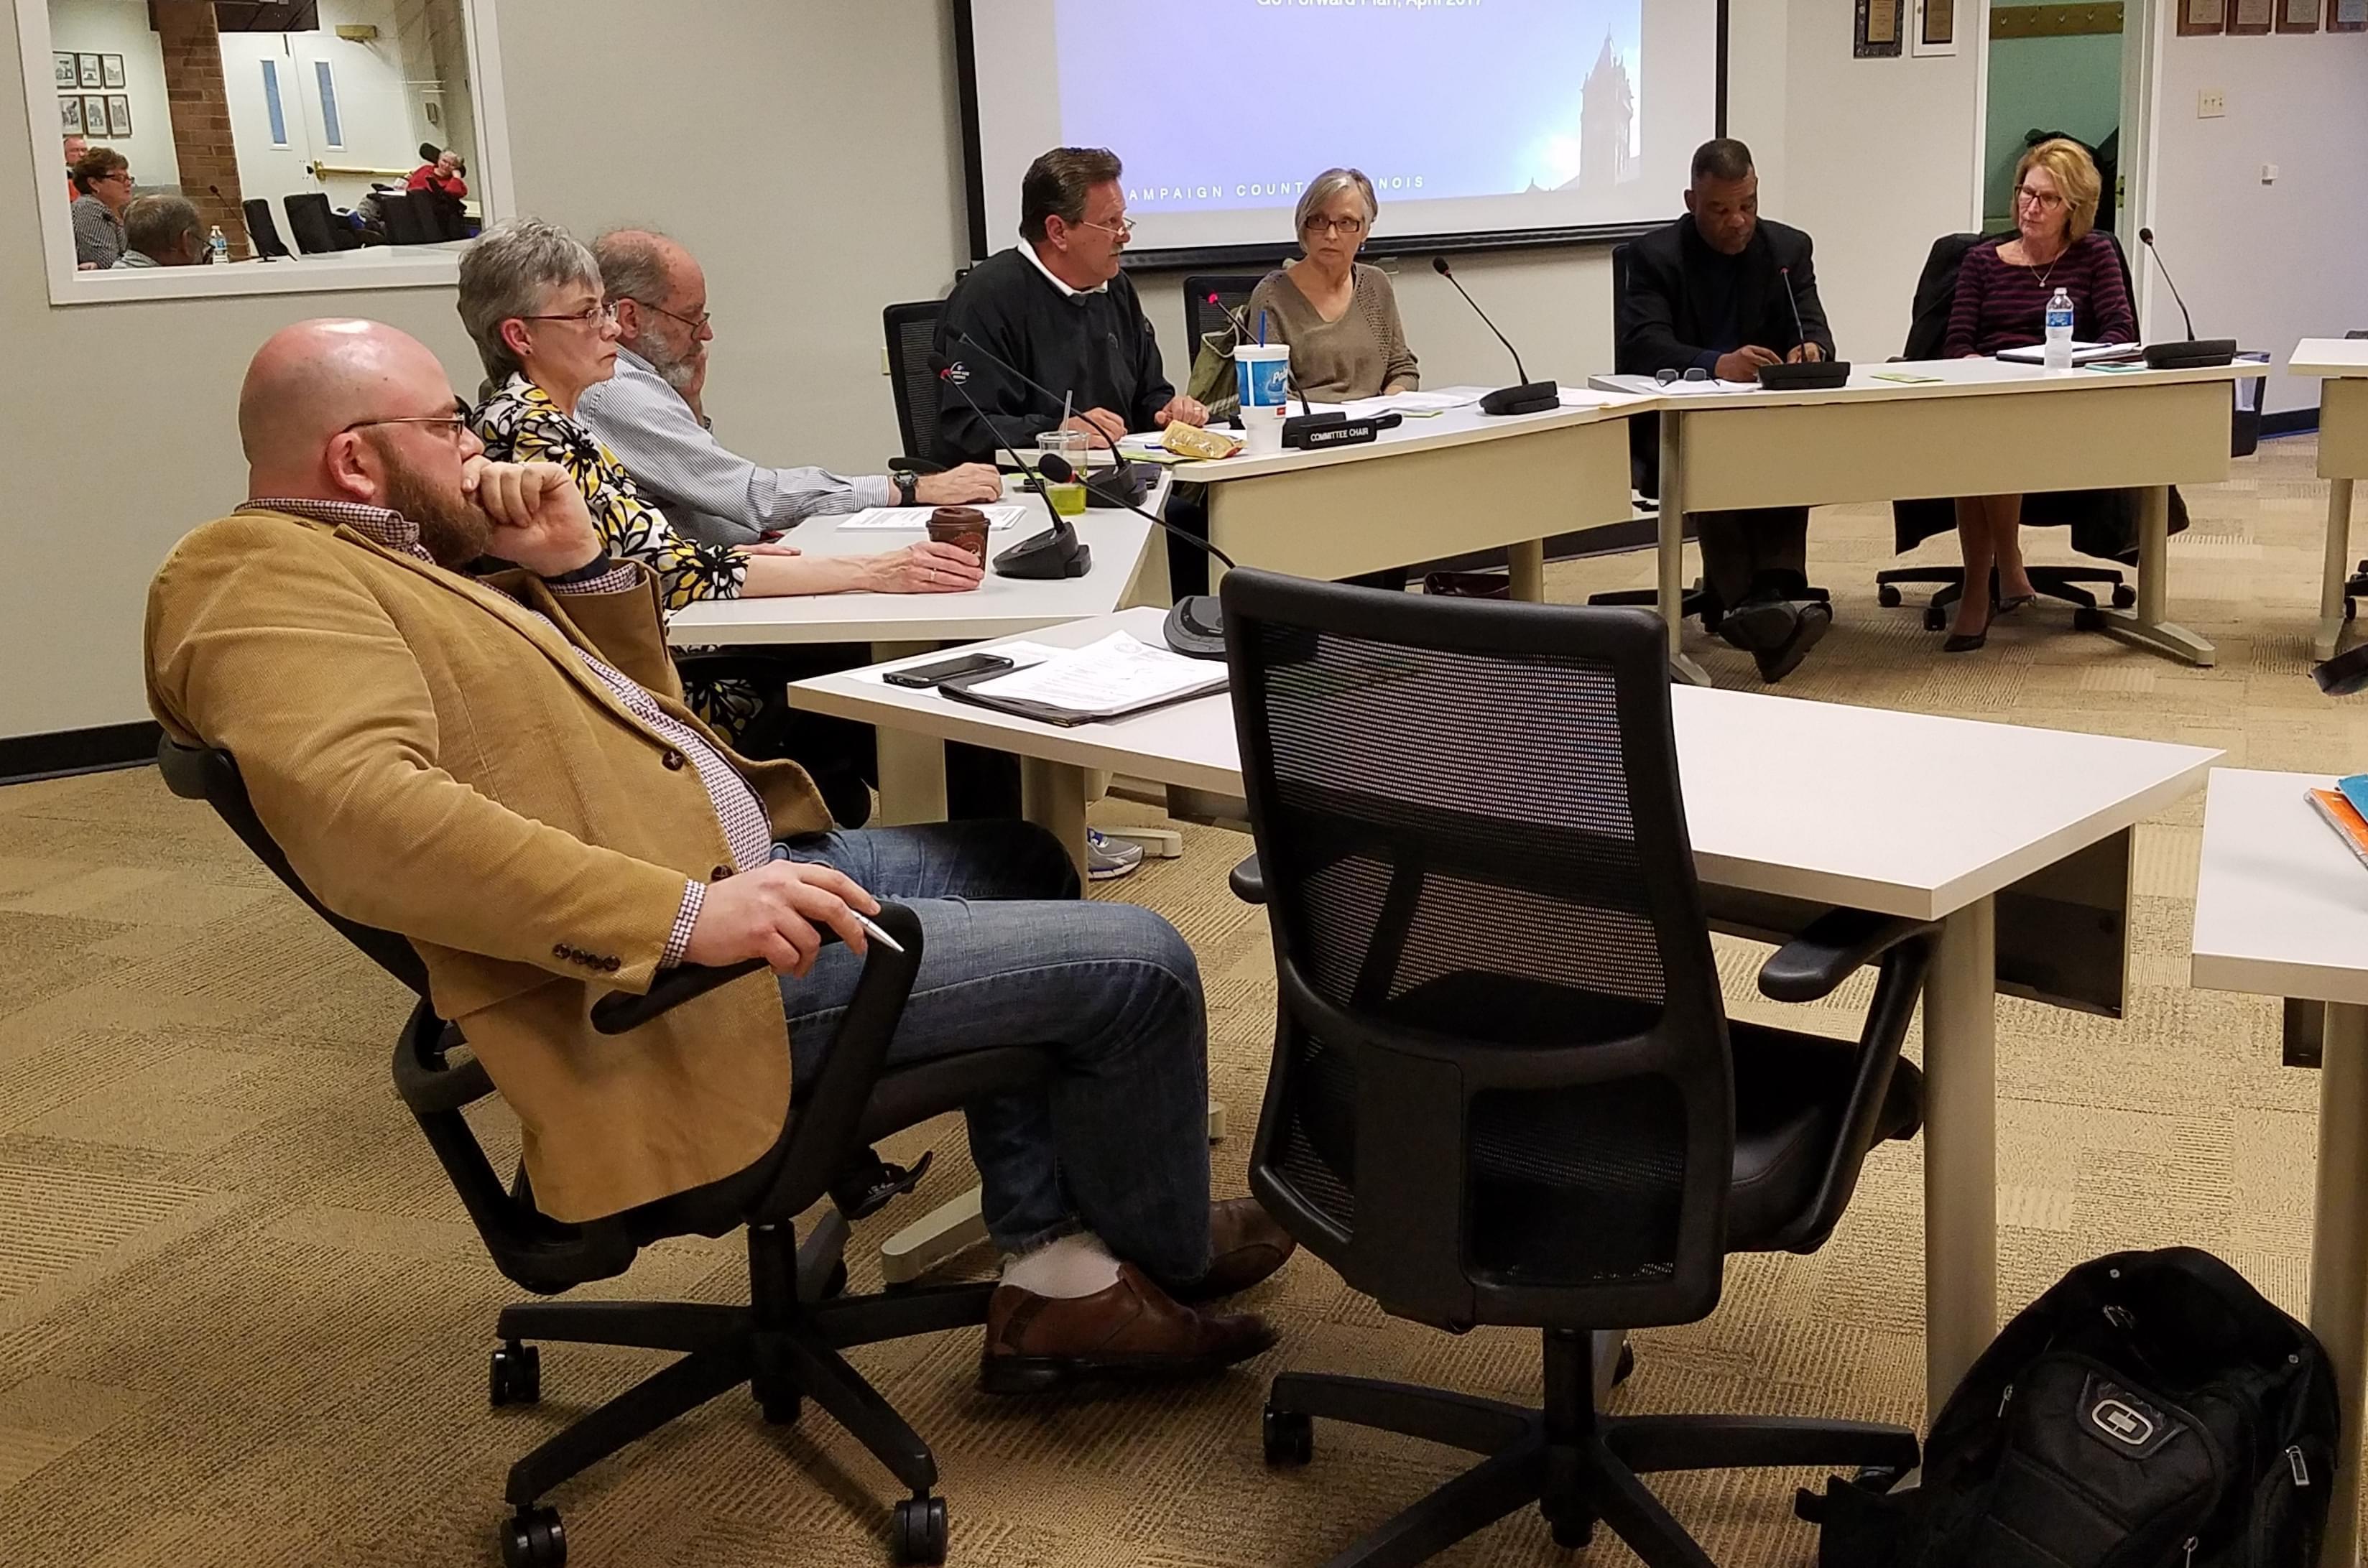 Champaign County Board member Joshua Hartke